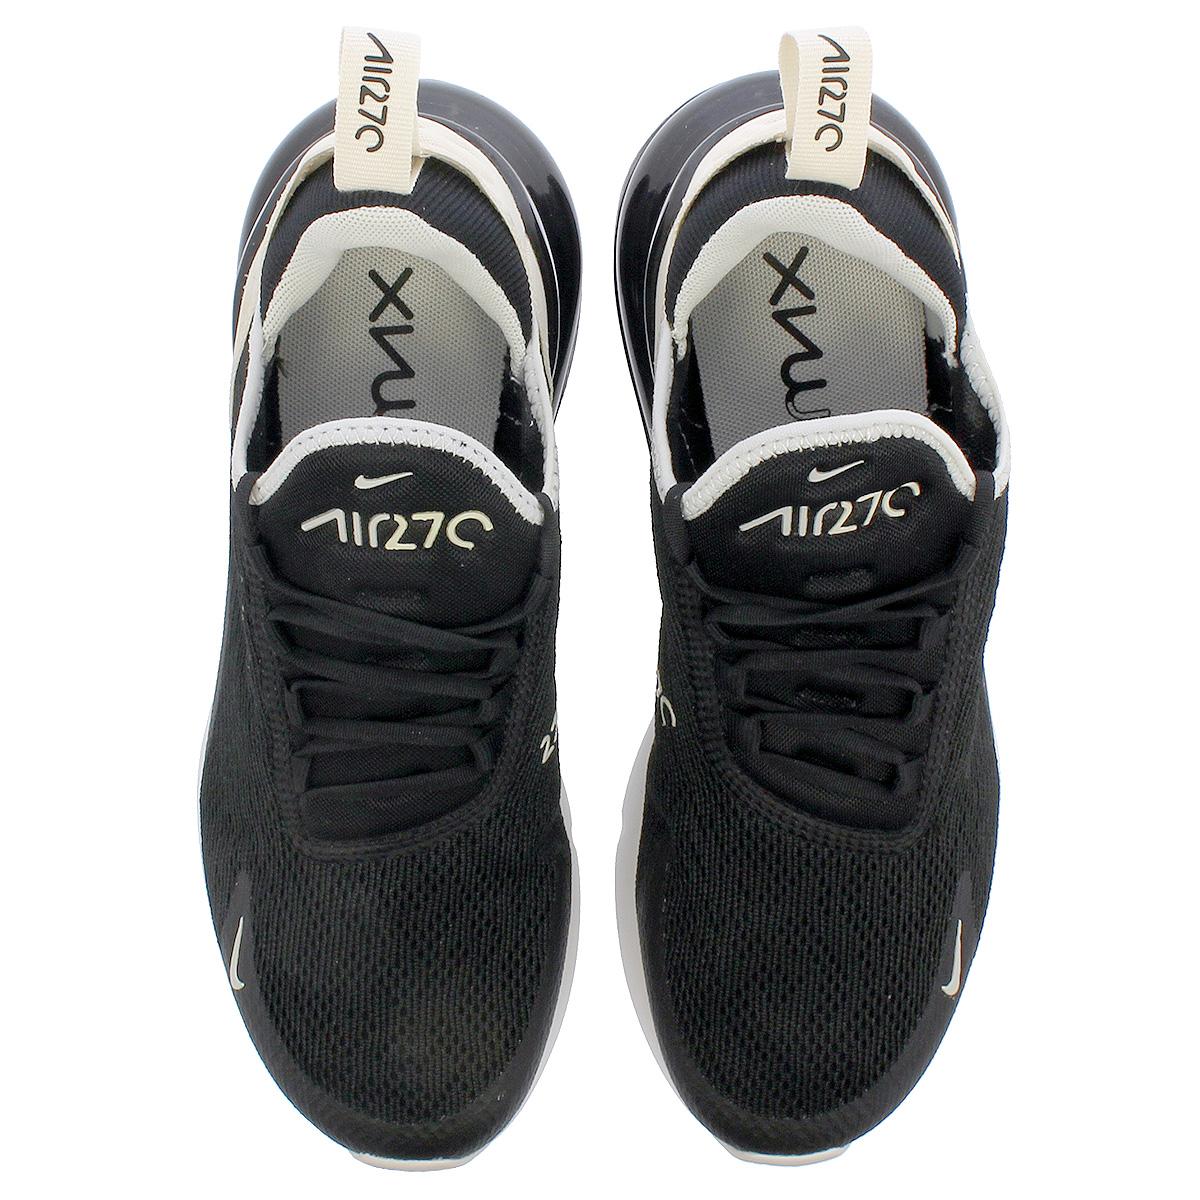 new arrival 7bef3 f1258 NIKE WMNS AIR MAX 270 Nike women Air Max 270 BLACK/LIGHT BONE ah6789-010